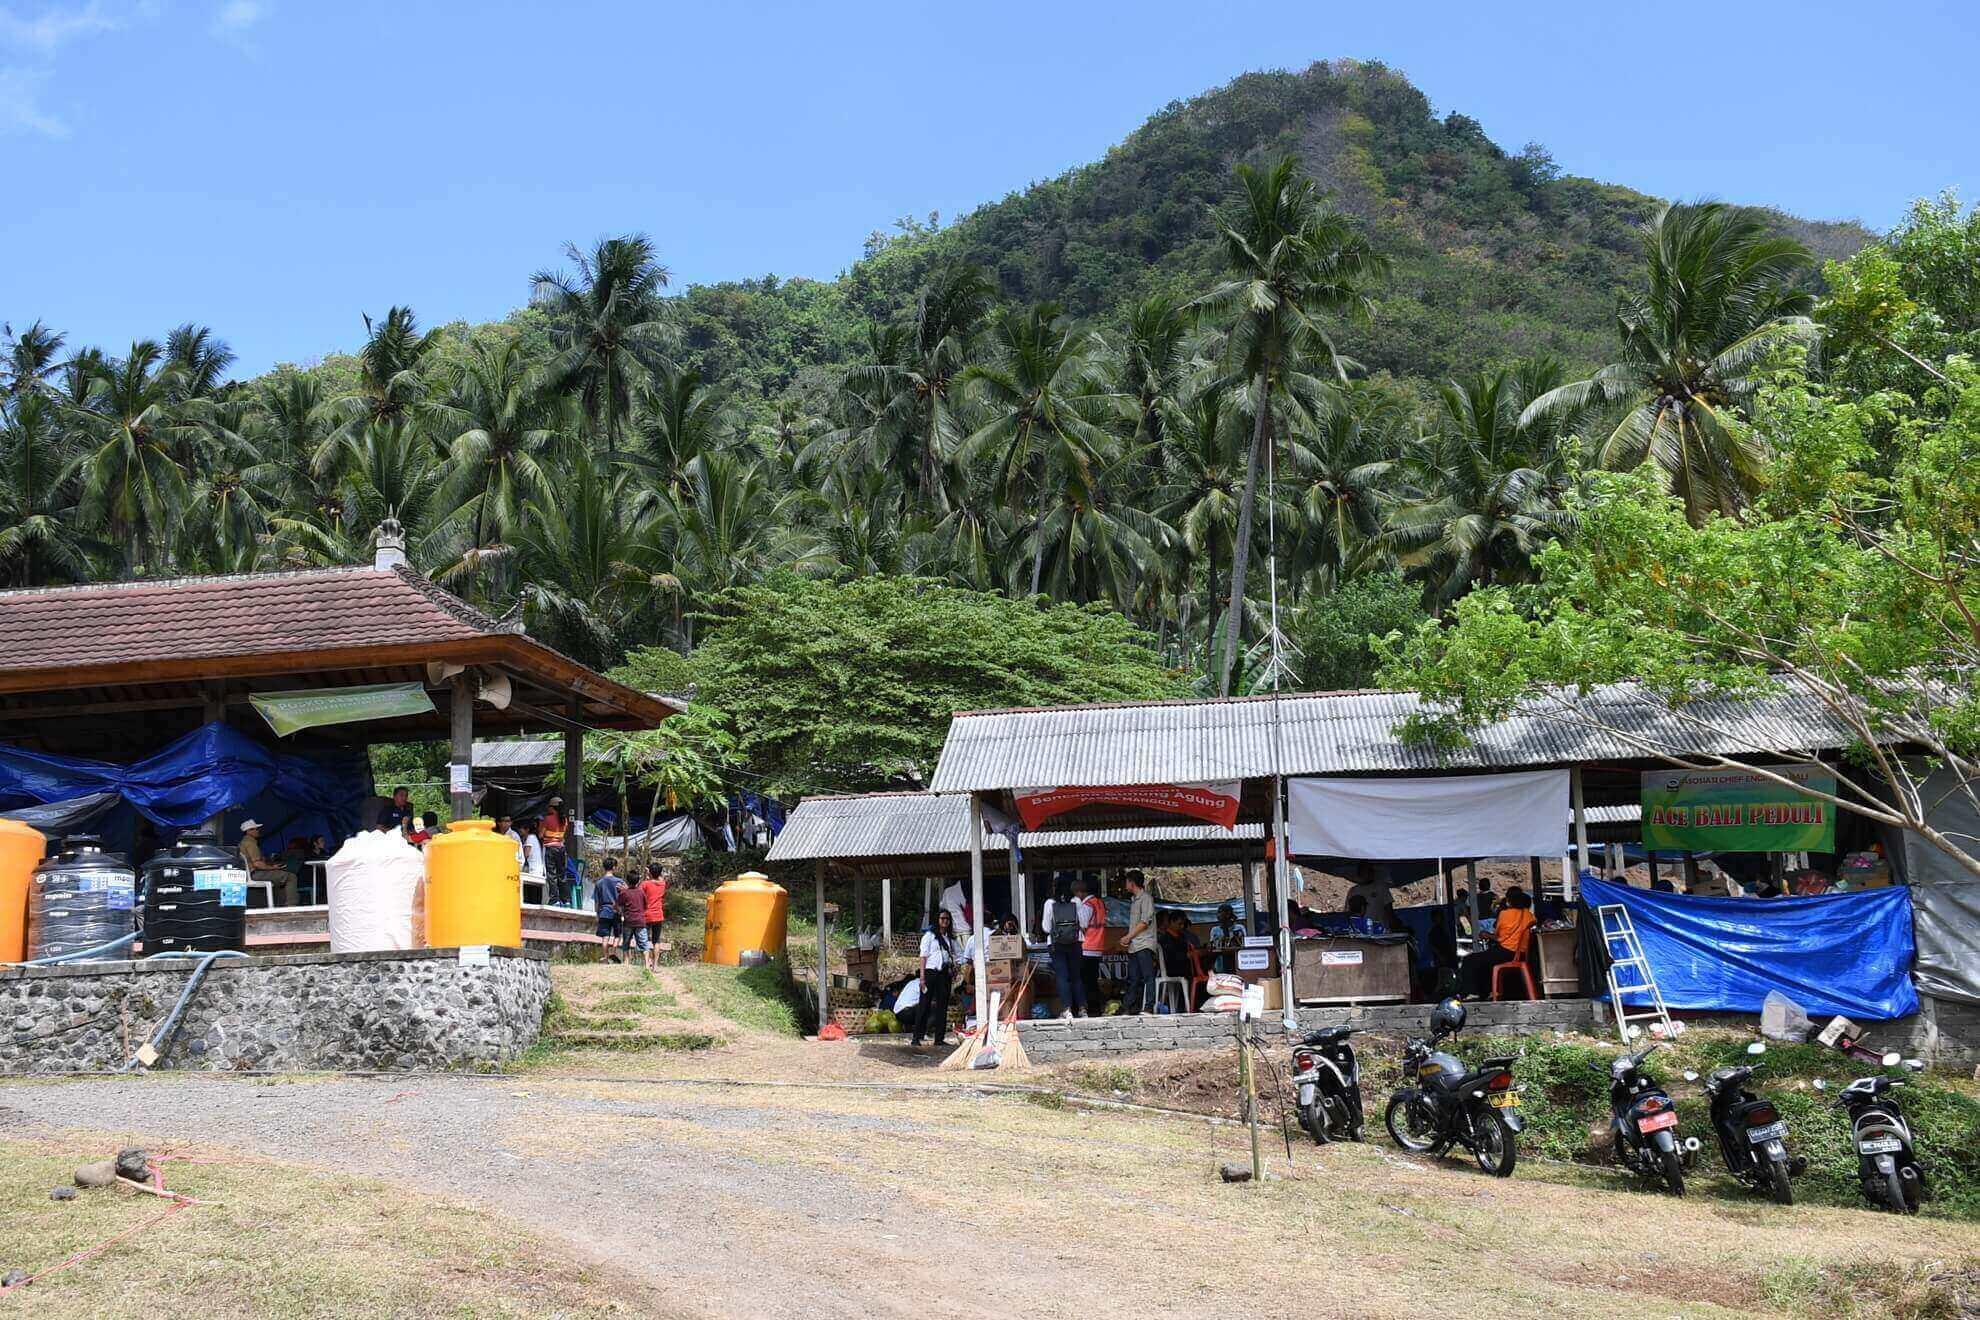 posko-tanggap-bencana-gunung-agung-pasar-manggis-desa-karang-asem-2